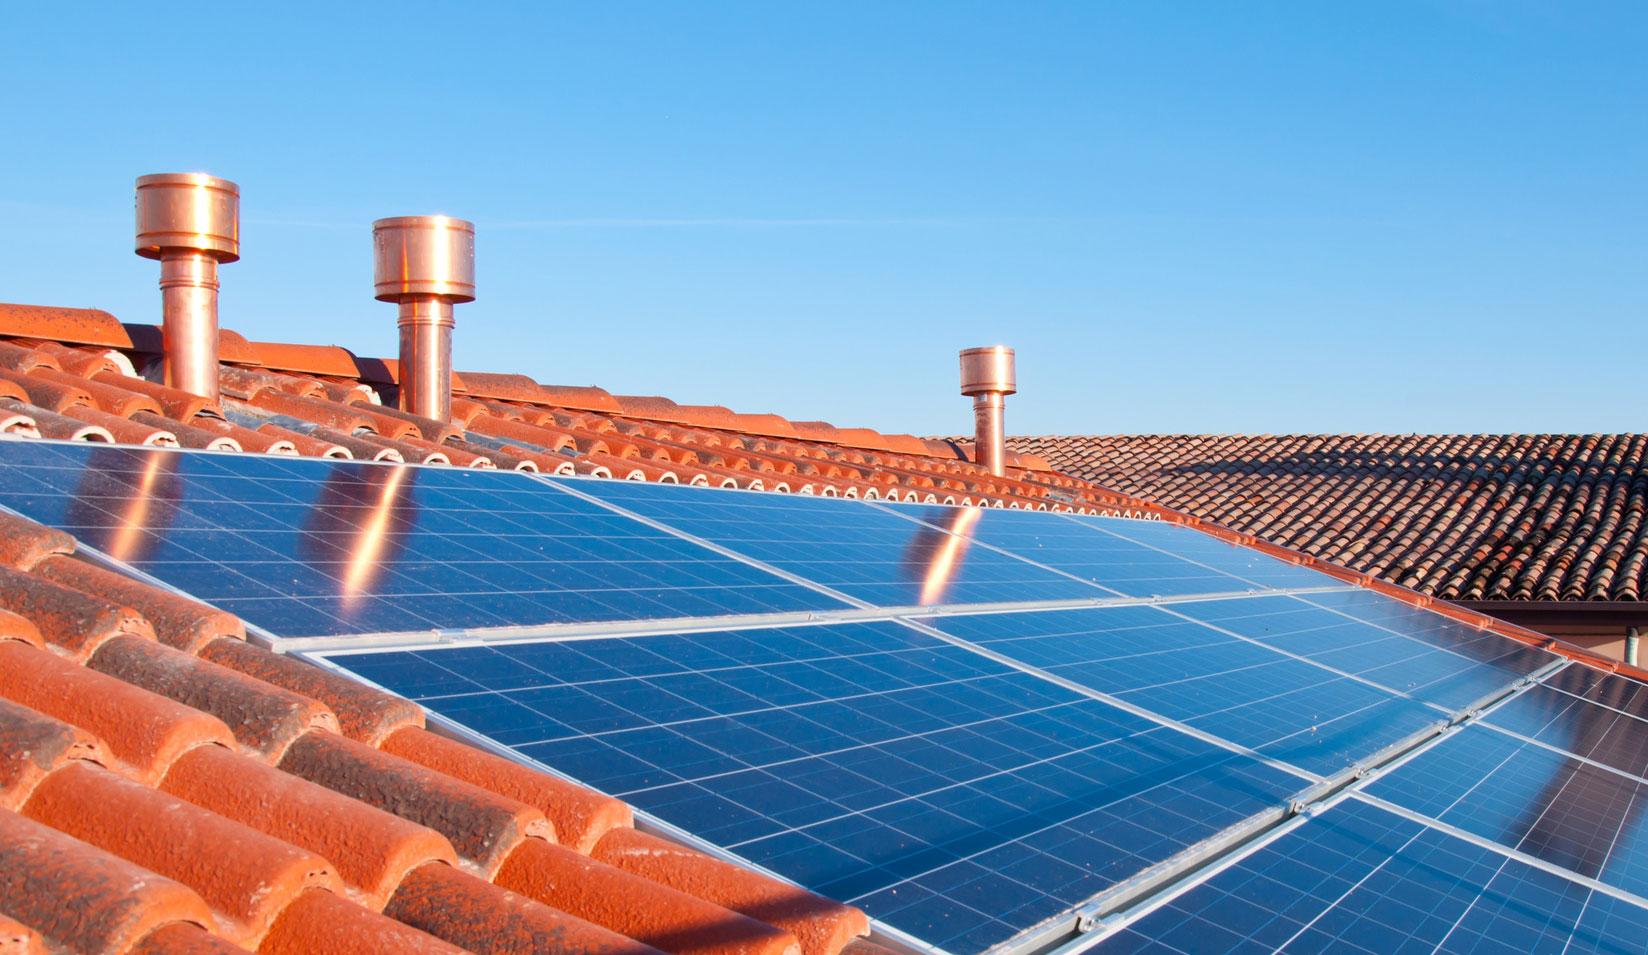 pannelli solari to